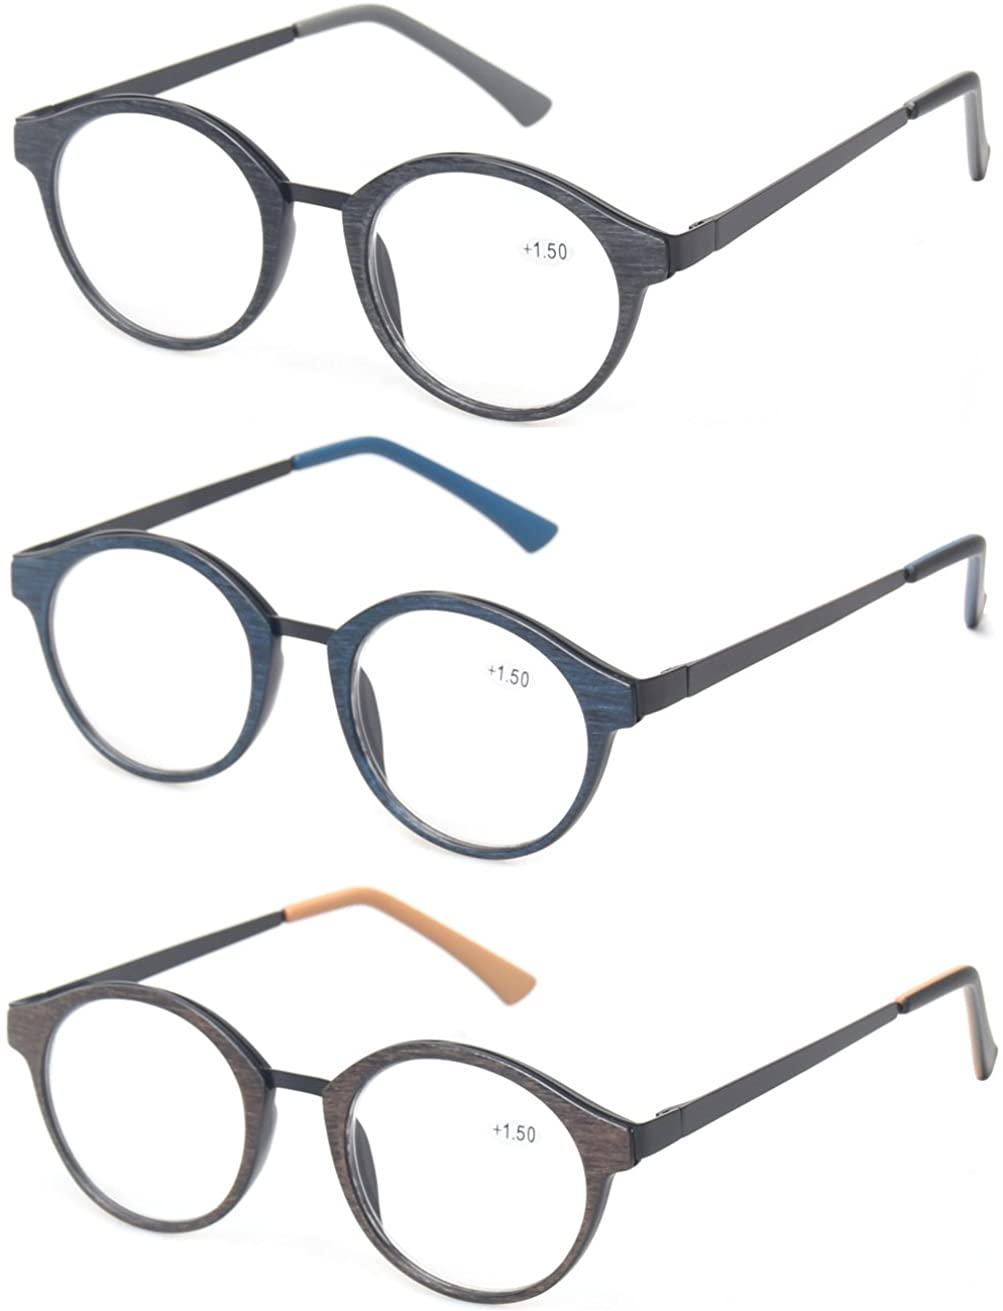 Kerecsen 3 Pack Vintage Metal Round Reading Glasses Classic Wood-Look Readers